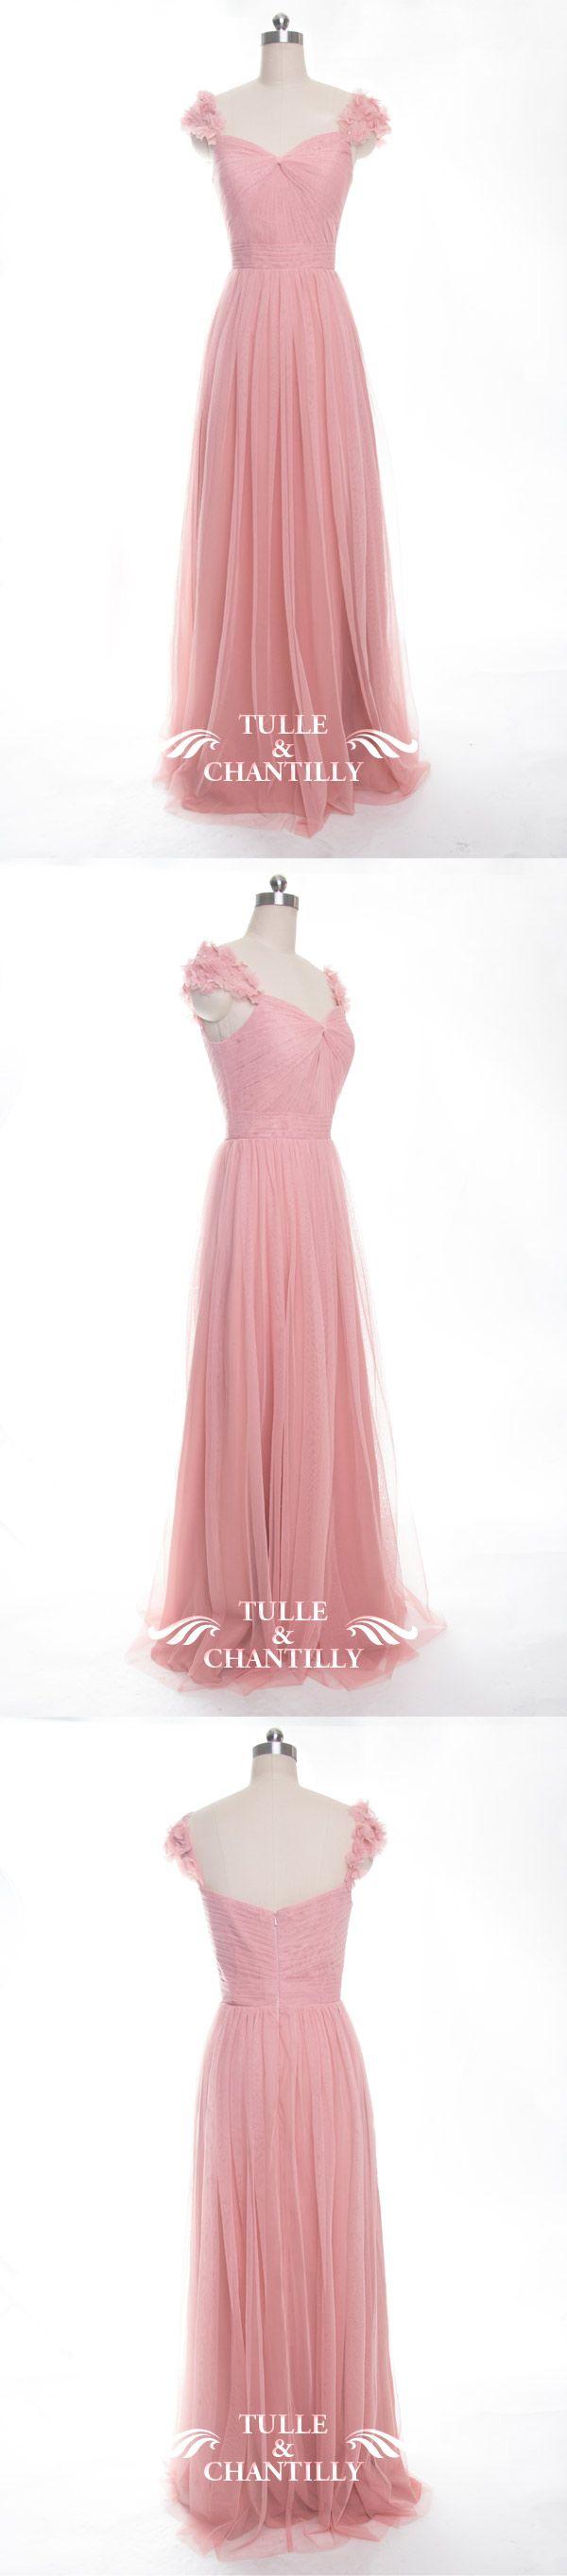 Elegant Long Bridesmaid Dress with Floral Straps TBQP327   Pinterest